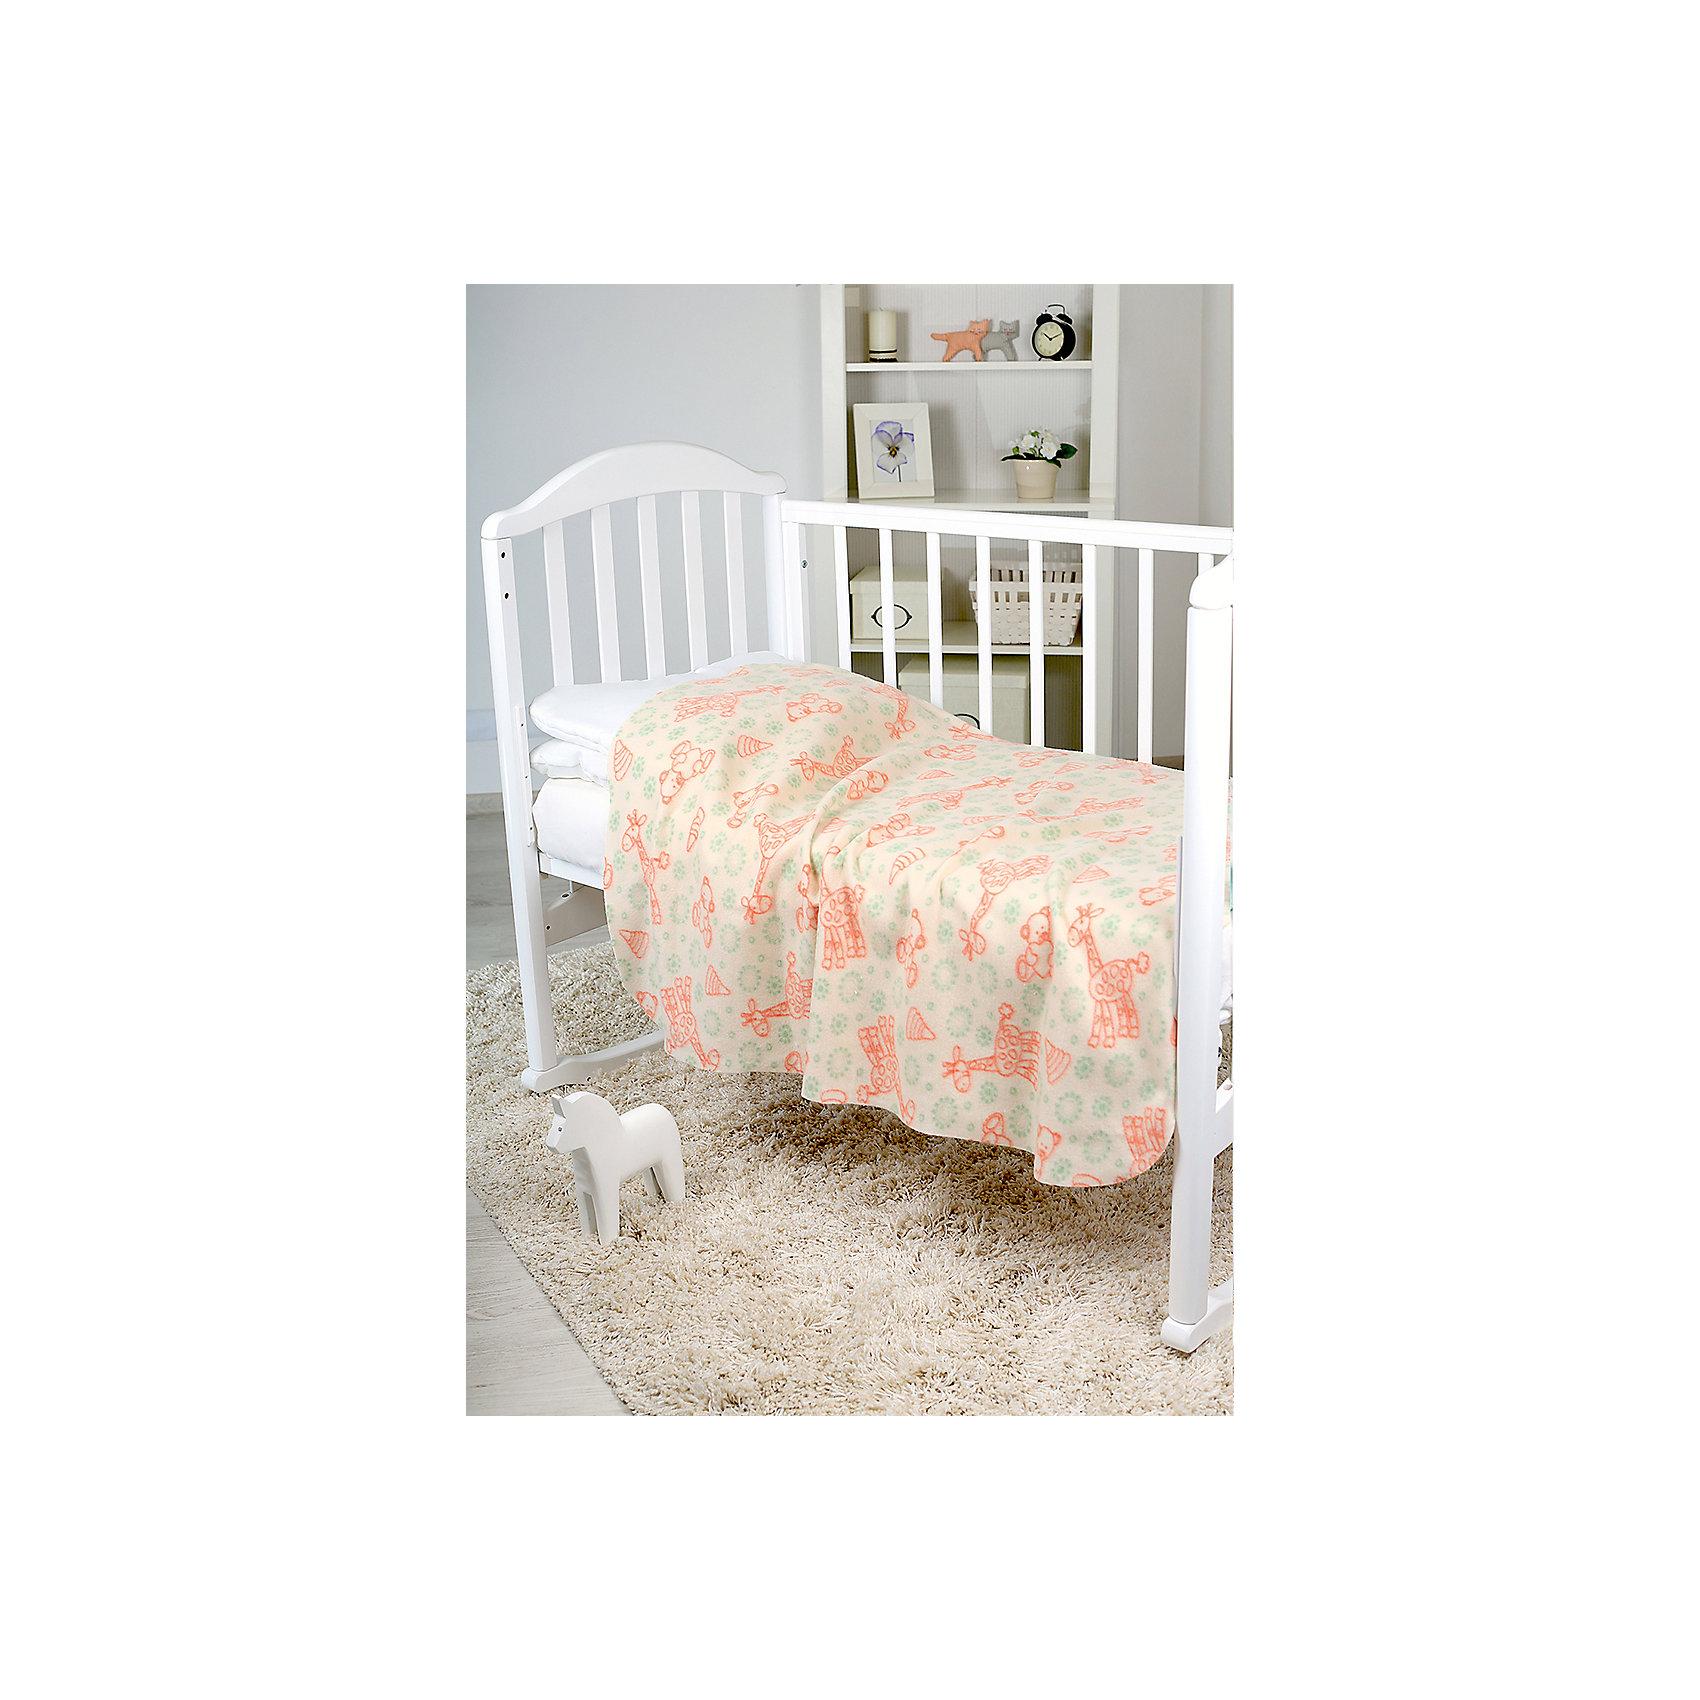 Плед-флисовый  2-х стор., Baby Nice, бежевыйОдеяла, пледы<br>Теплый мягкий плед Baby Nice замечательно подойдет для детской спальни в качестве легкого одеяла или покрывала для кроватки, а также согреет малыша на улице в прохладную погоду. Двухсторонний плед имеет приятную расцветку в бежево-зеленых тонах и украшен симпатичным рисунками - жирафами и мишками. Выполнен из мягкого высококачественного флиса, края отделаны оверлоком. Изделия из этой ткани хорошо сохраняют тепло, впитывают лишнюю влагу, приятны на ощупь и не вызывают аллергии.<br><br>Дополнительная информация:<br><br>- Цвет: бежевый<br>- Материал: полиамид.<br>- Размер пледа: 118 х 100 см.<br>- Размер упаковки: 20 х 20 х 40 см.<br>- Вес: 0,5 кг.<br><br>Плед флисовый, Baby Nice, зеленый, можно купить в нашем интернет-магазине.<br><br>Ширина мм: 200<br>Глубина мм: 200<br>Высота мм: 400<br>Вес г: 500<br>Возраст от месяцев: 0<br>Возраст до месяцев: 60<br>Пол: Унисекс<br>Возраст: Детский<br>SKU: 4032802